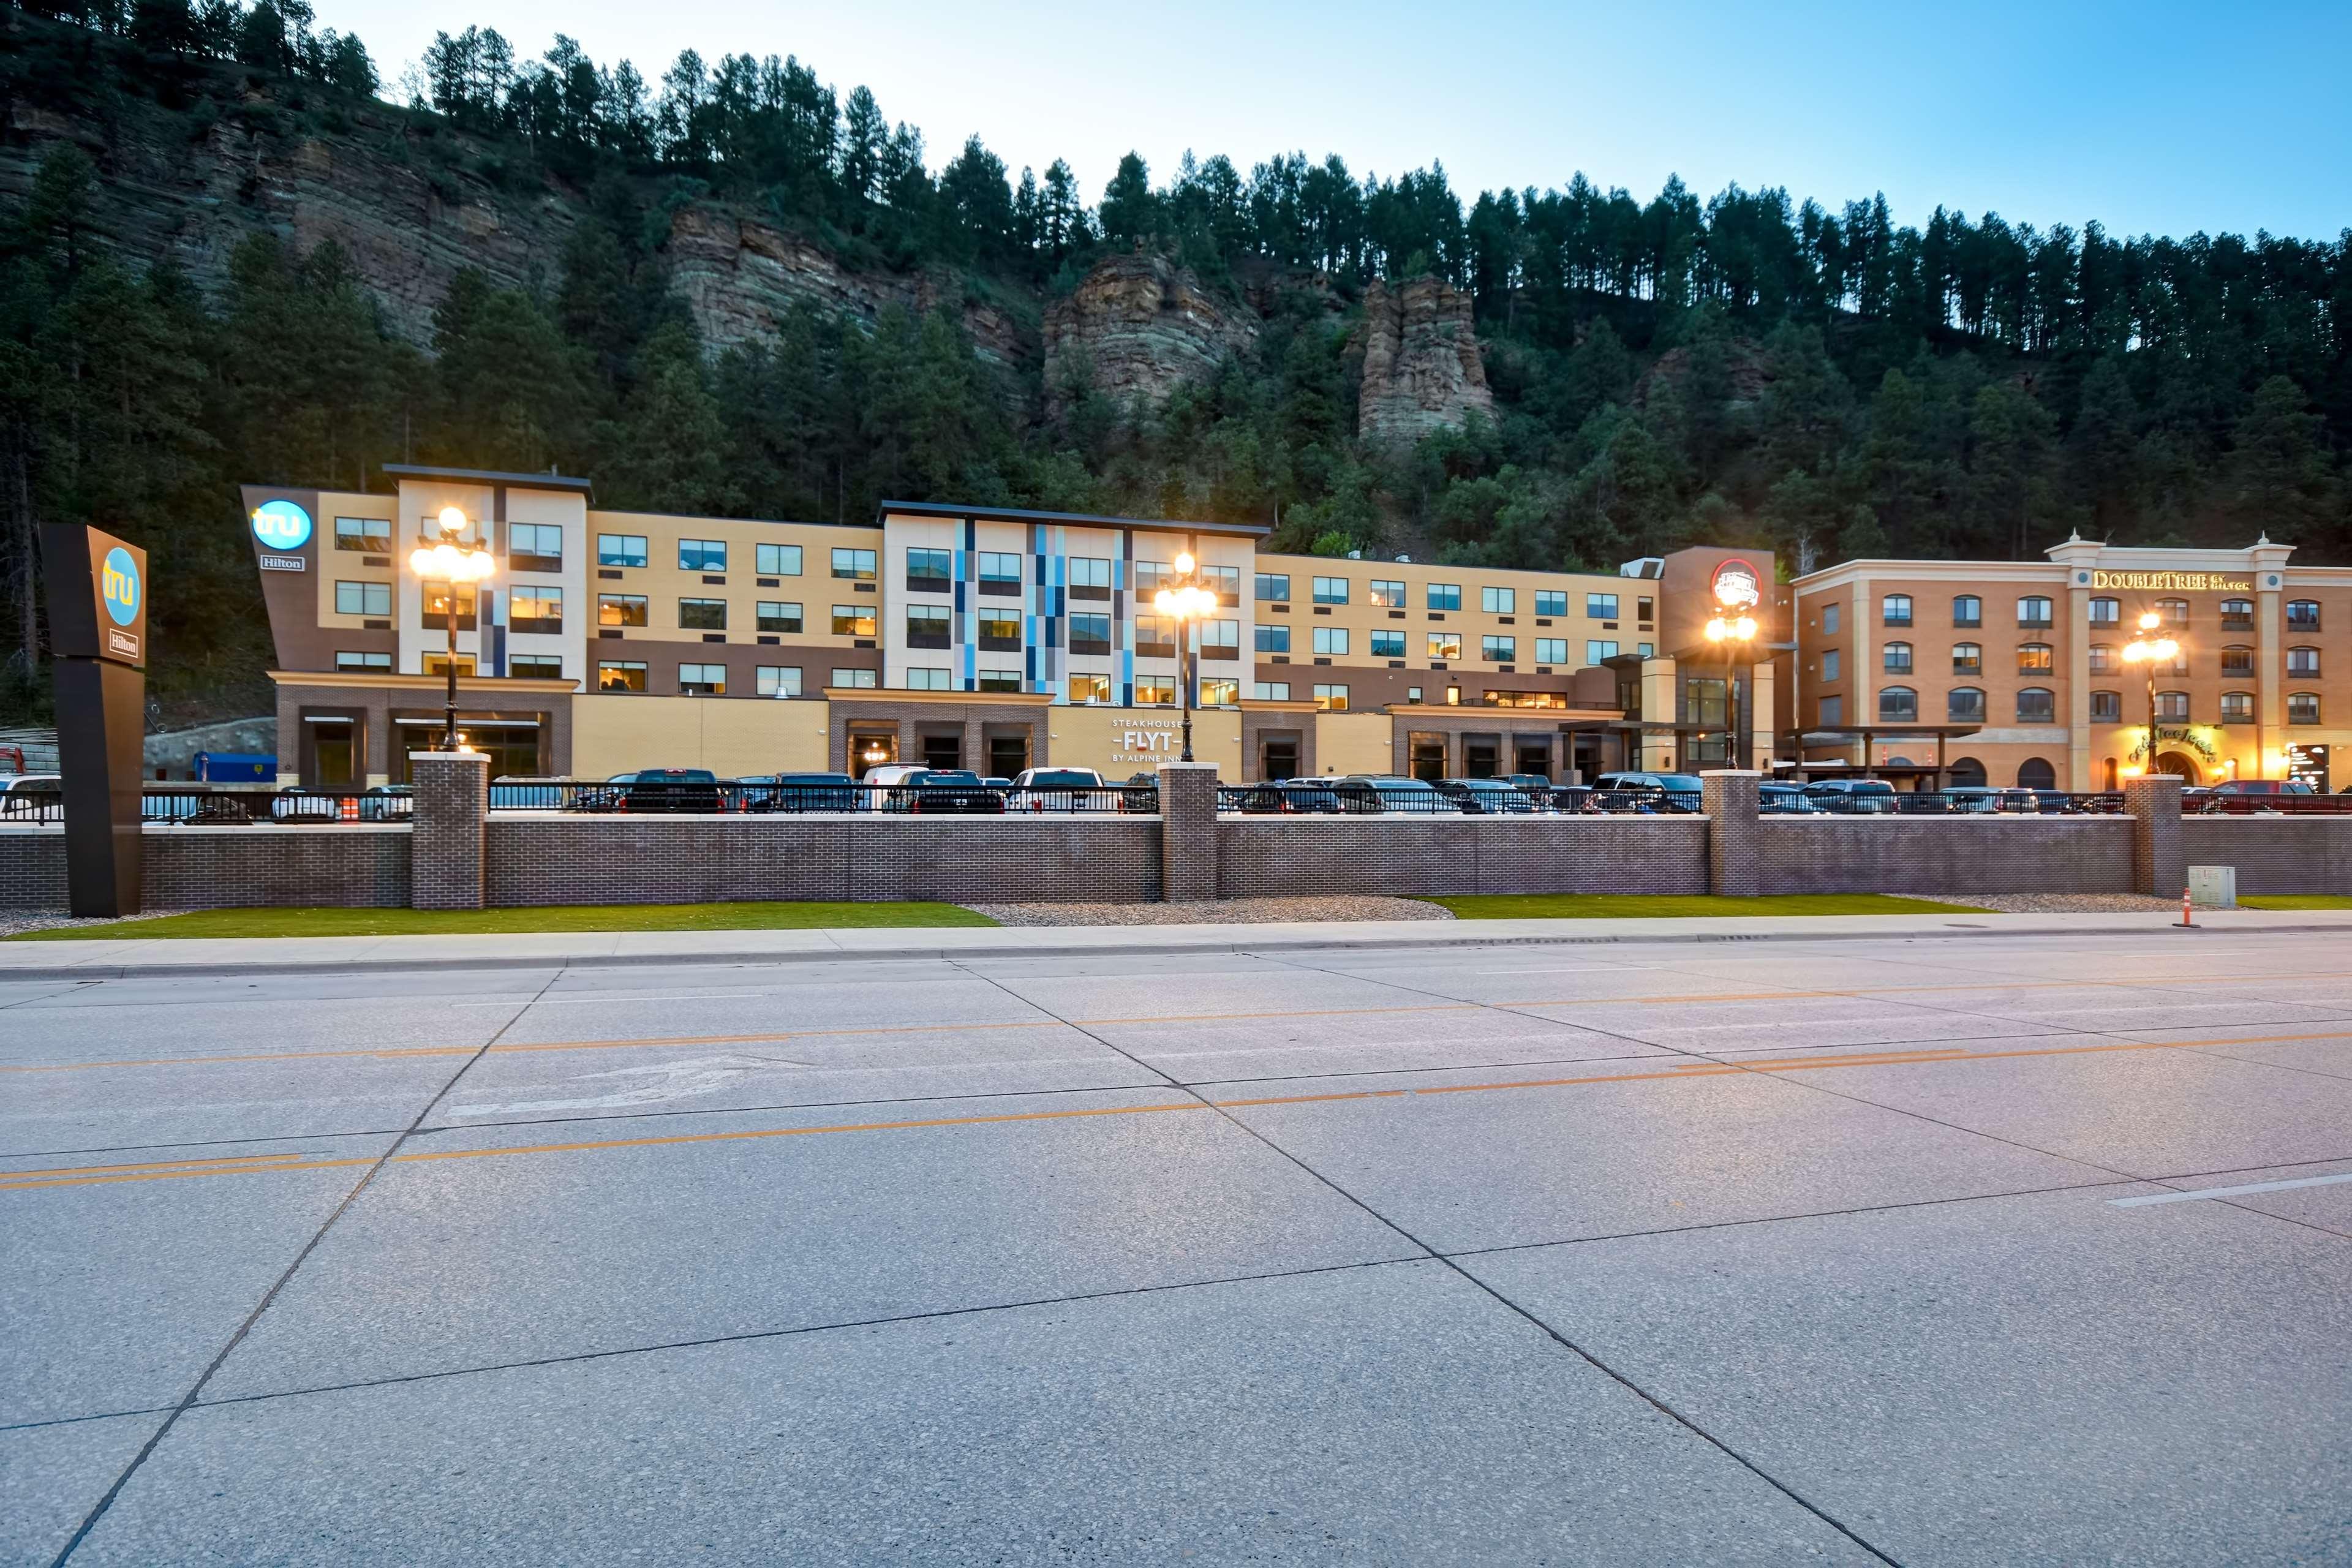 Tru by Hilton Deadwood image 4